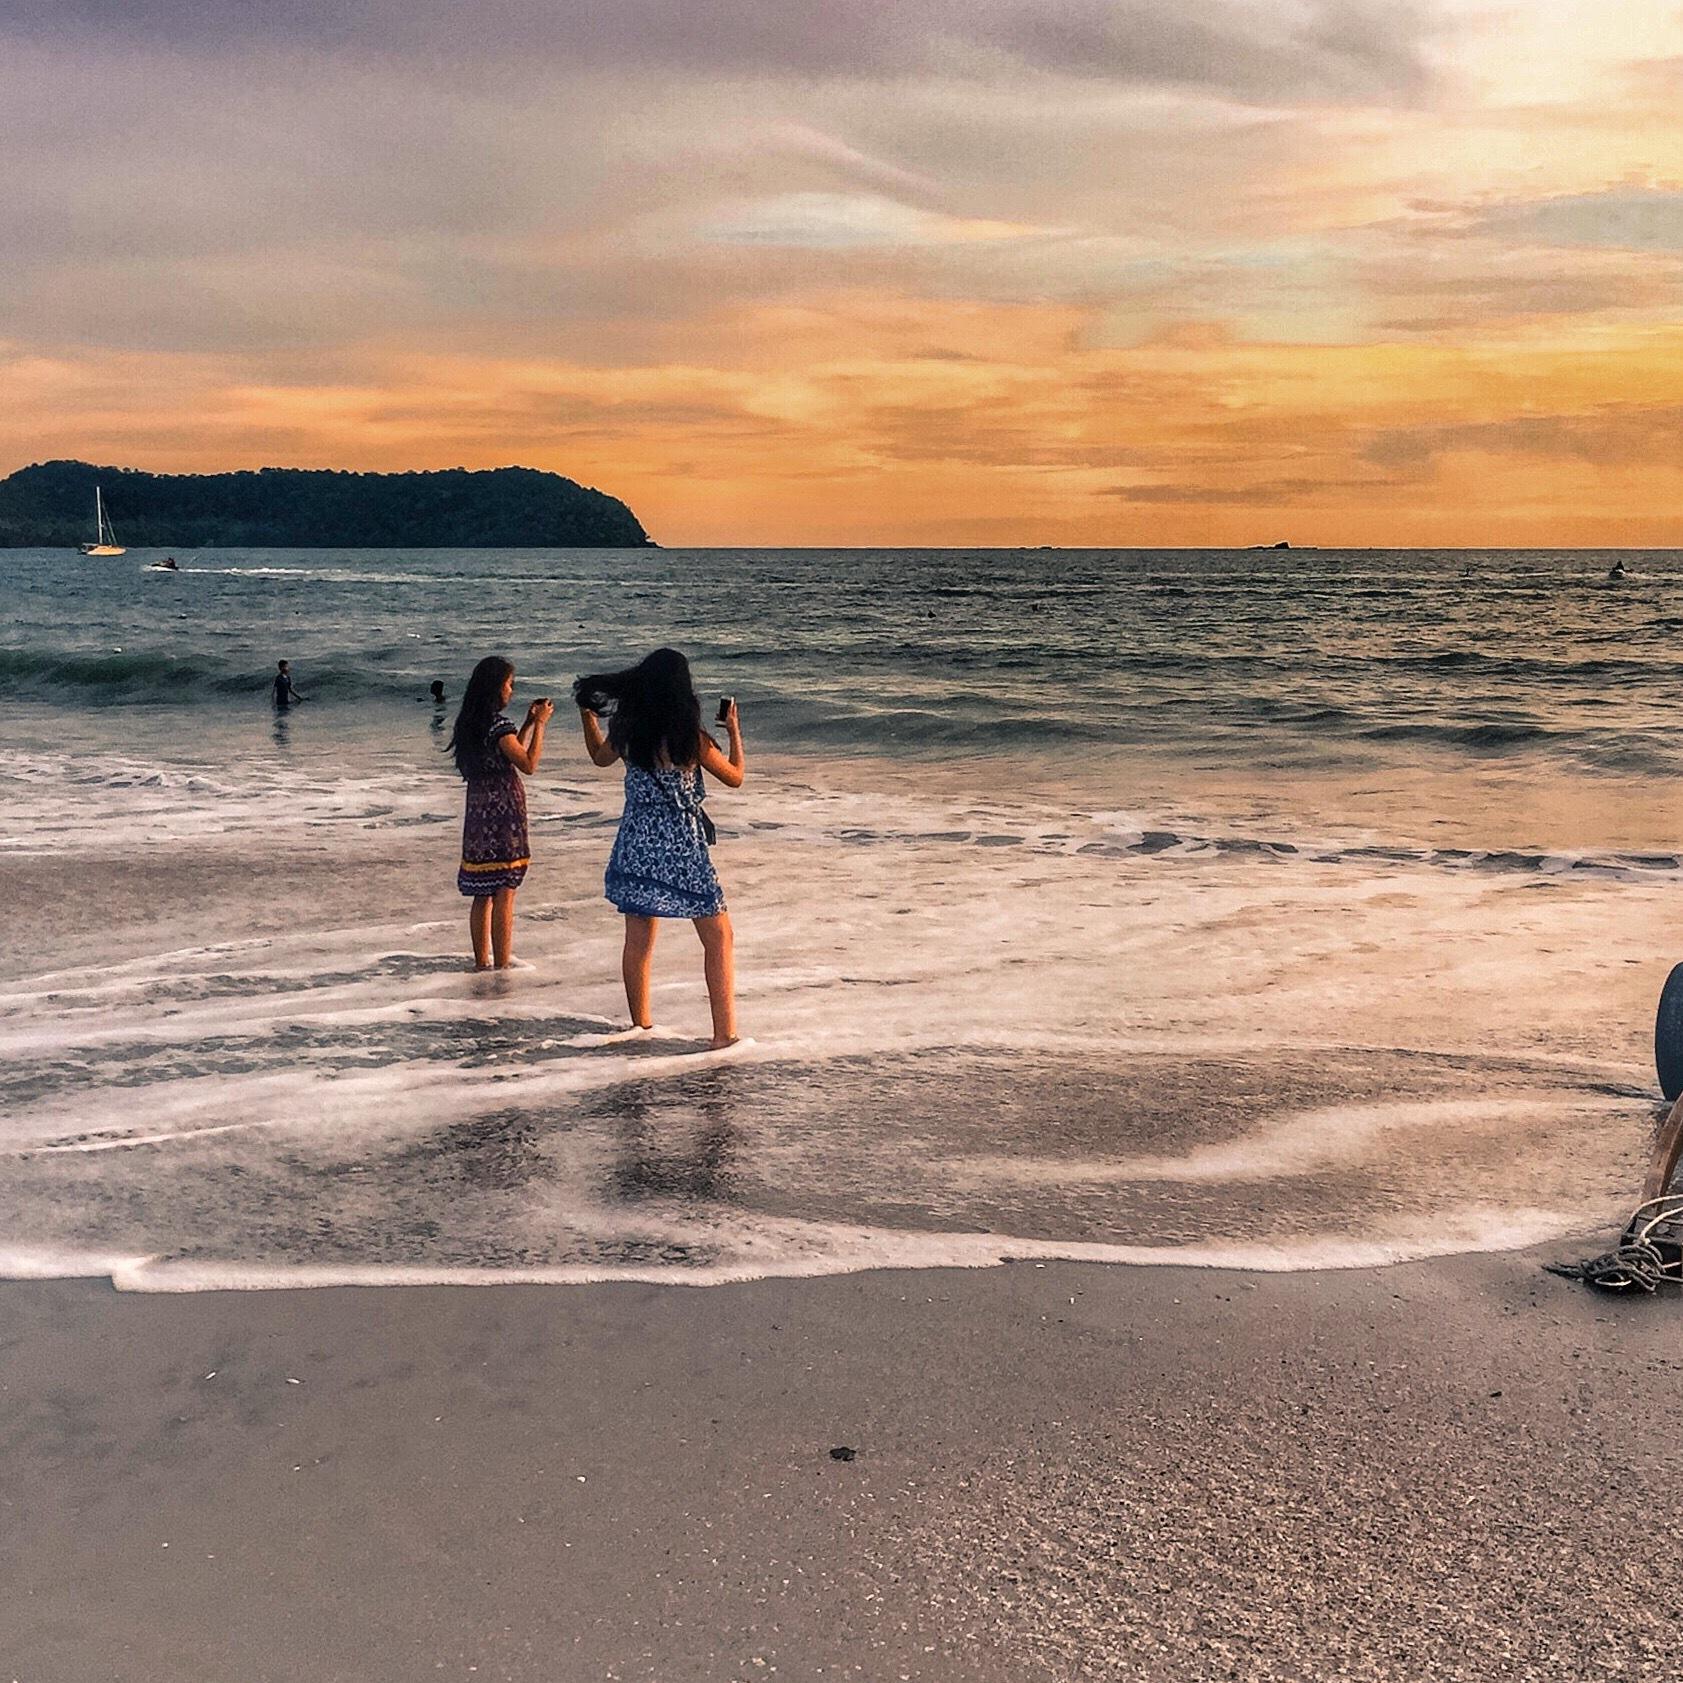 beachfie by mohd sopian